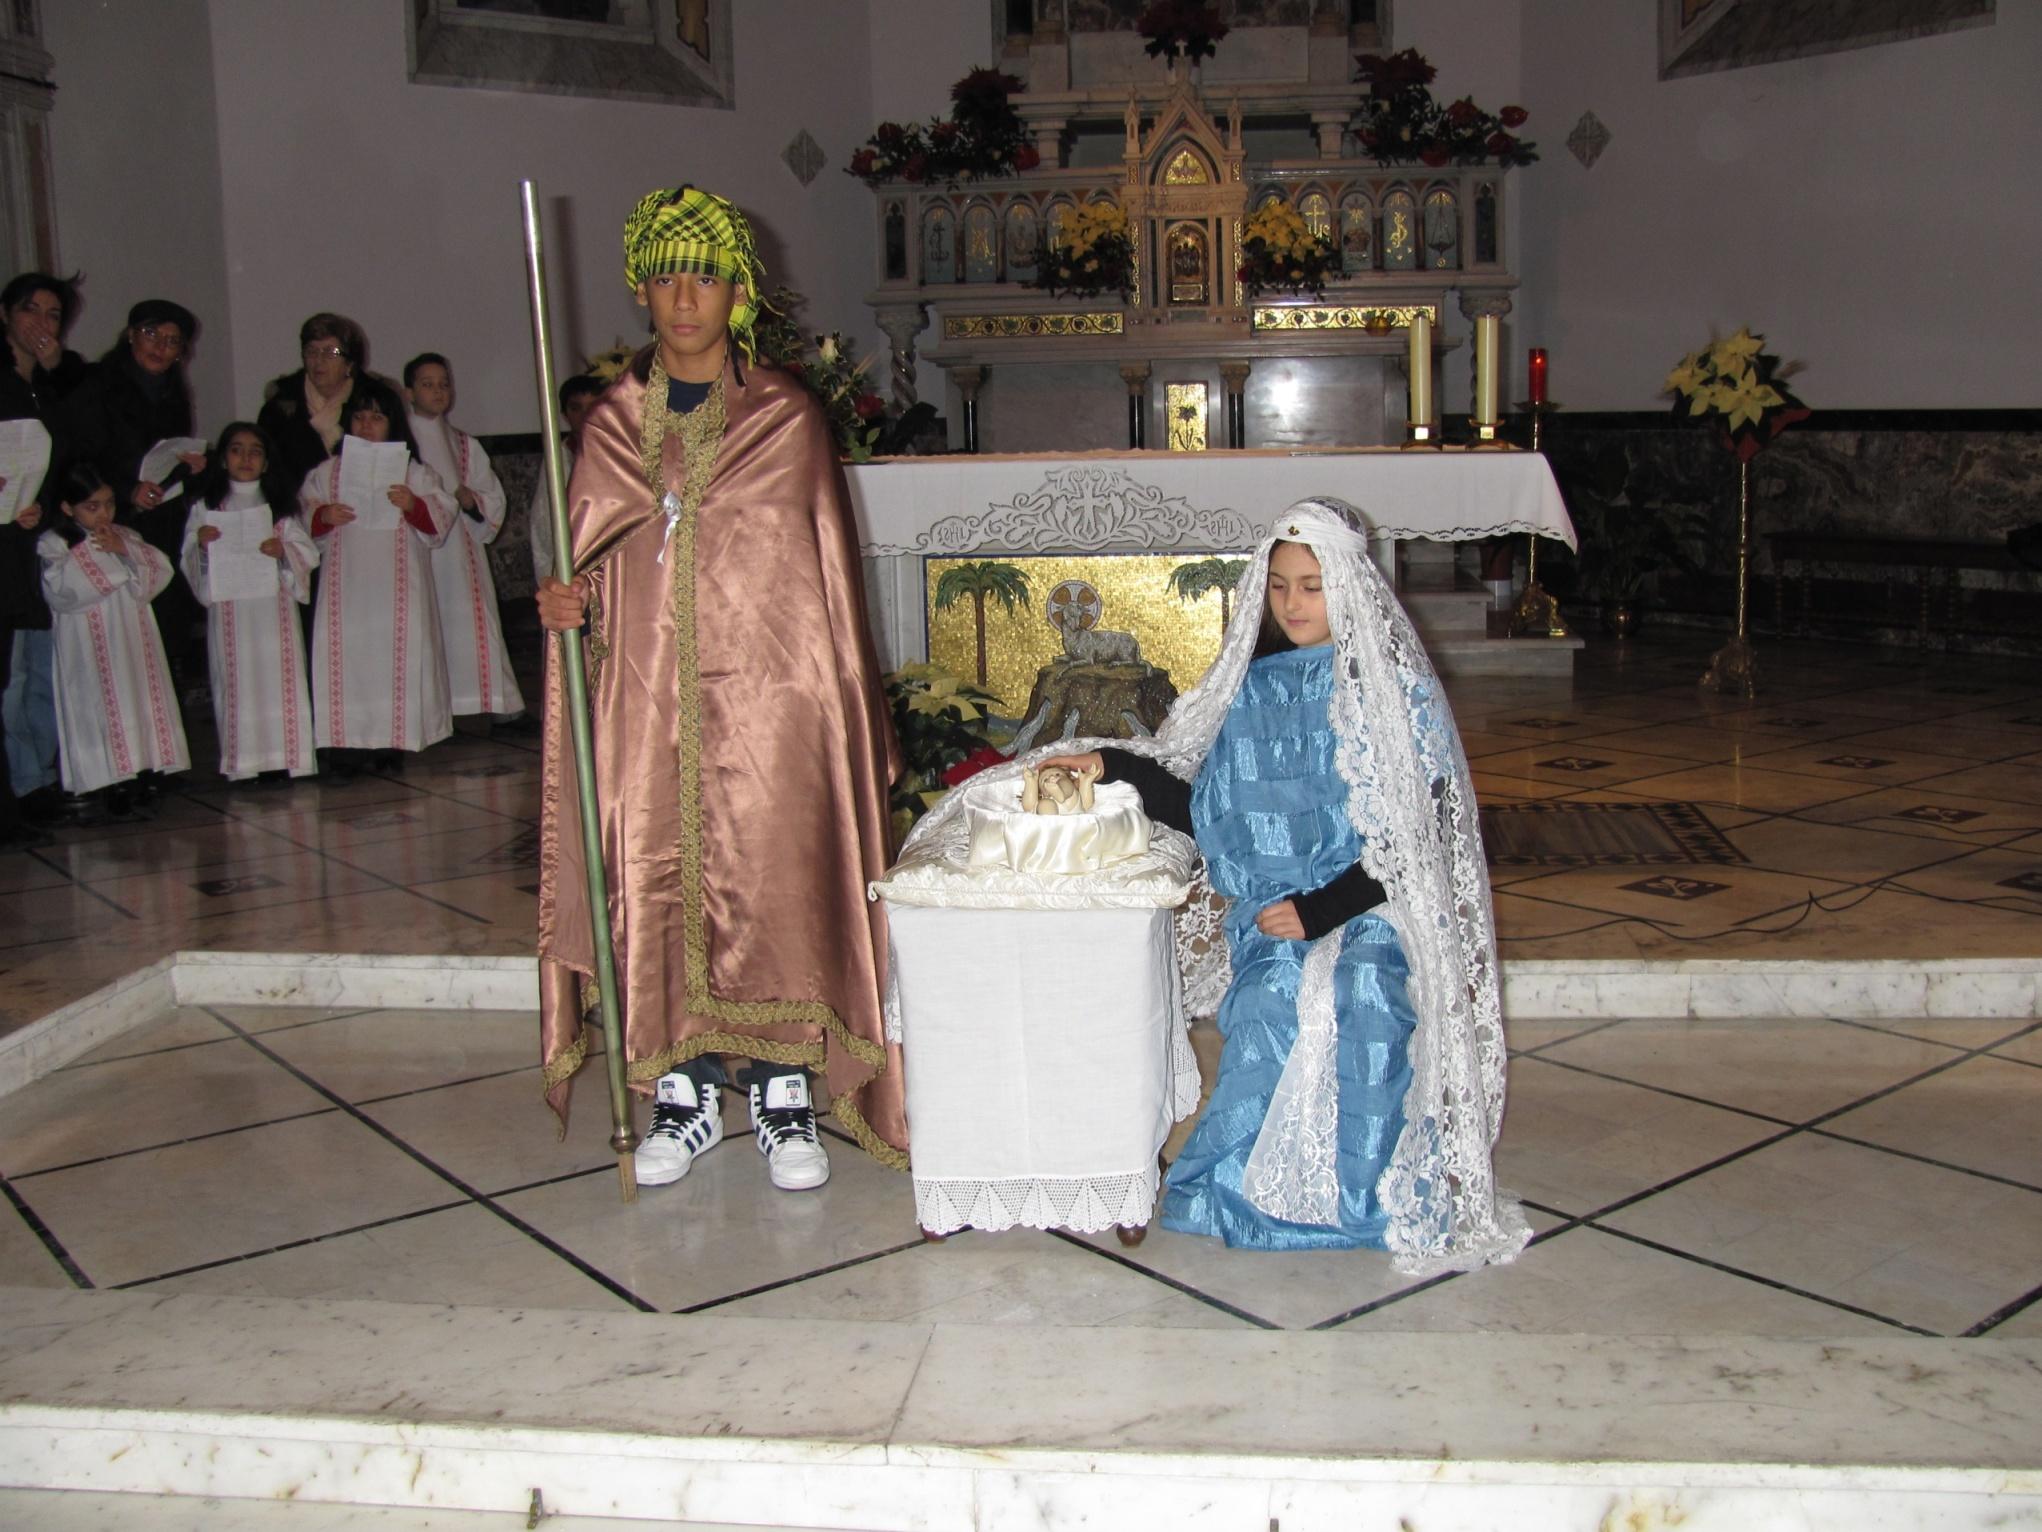 natale_recita_vigilia_2010-12-24-17-39-48